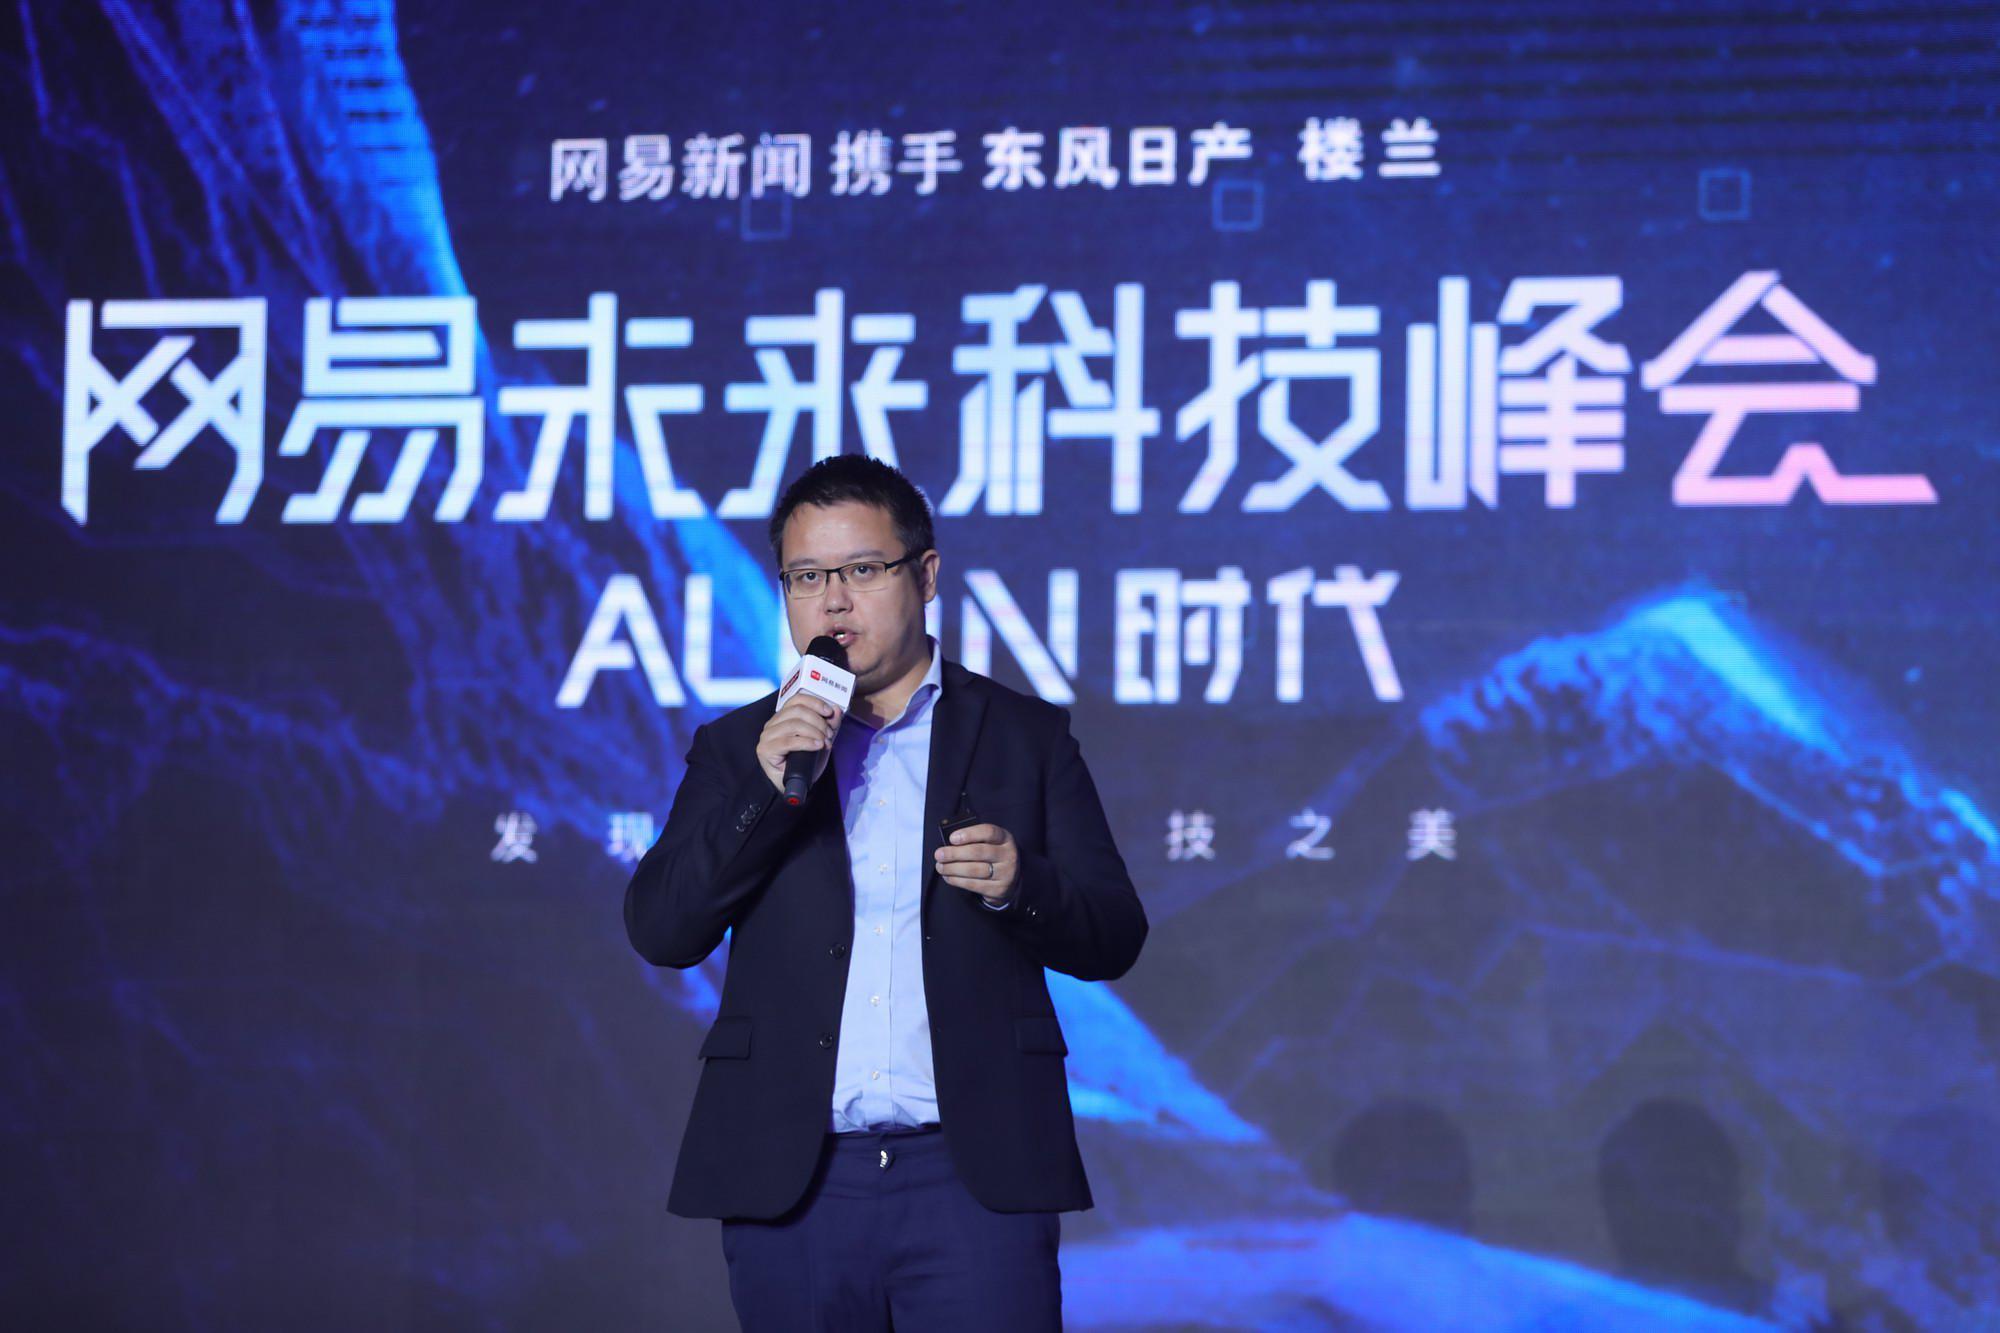 同盾科技创始人蒋韬:智能金融化时代已经到来